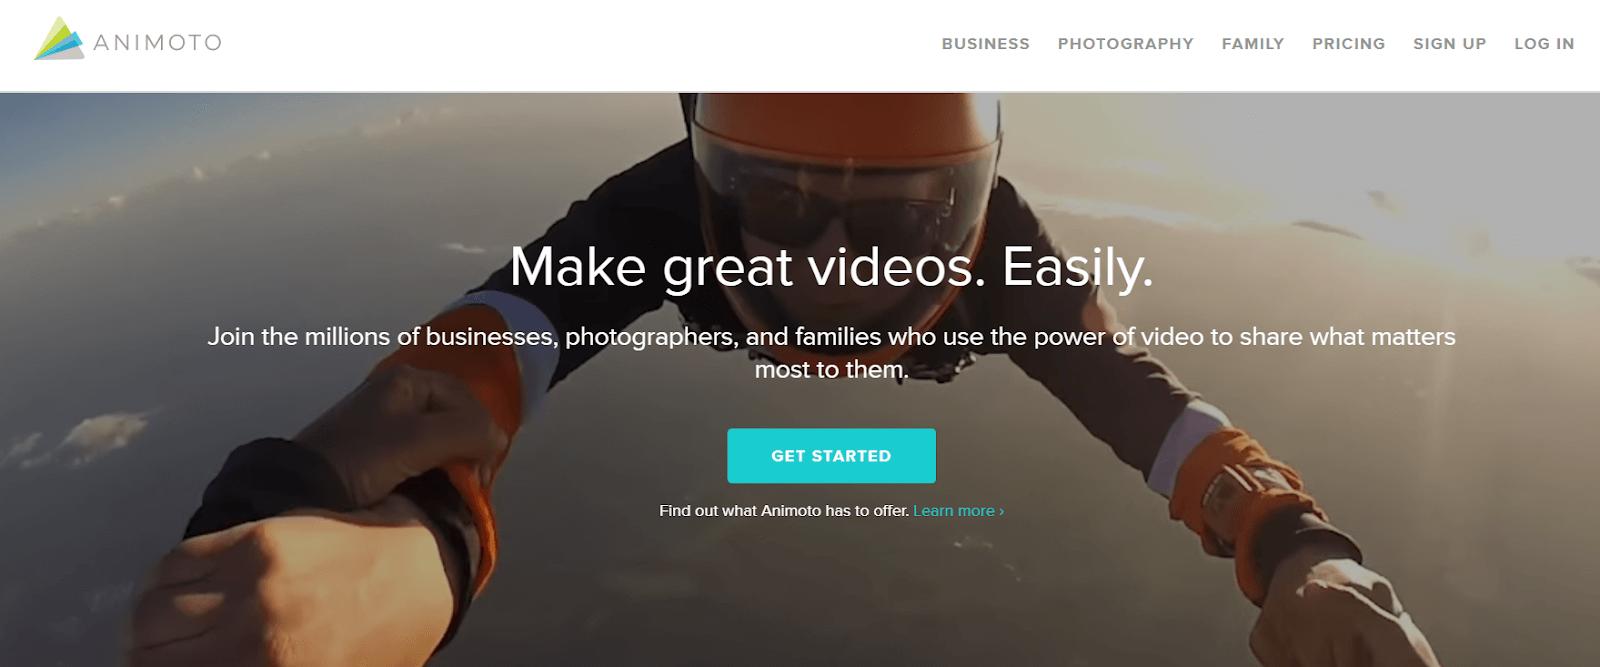 Animoto Video Marketing Tool